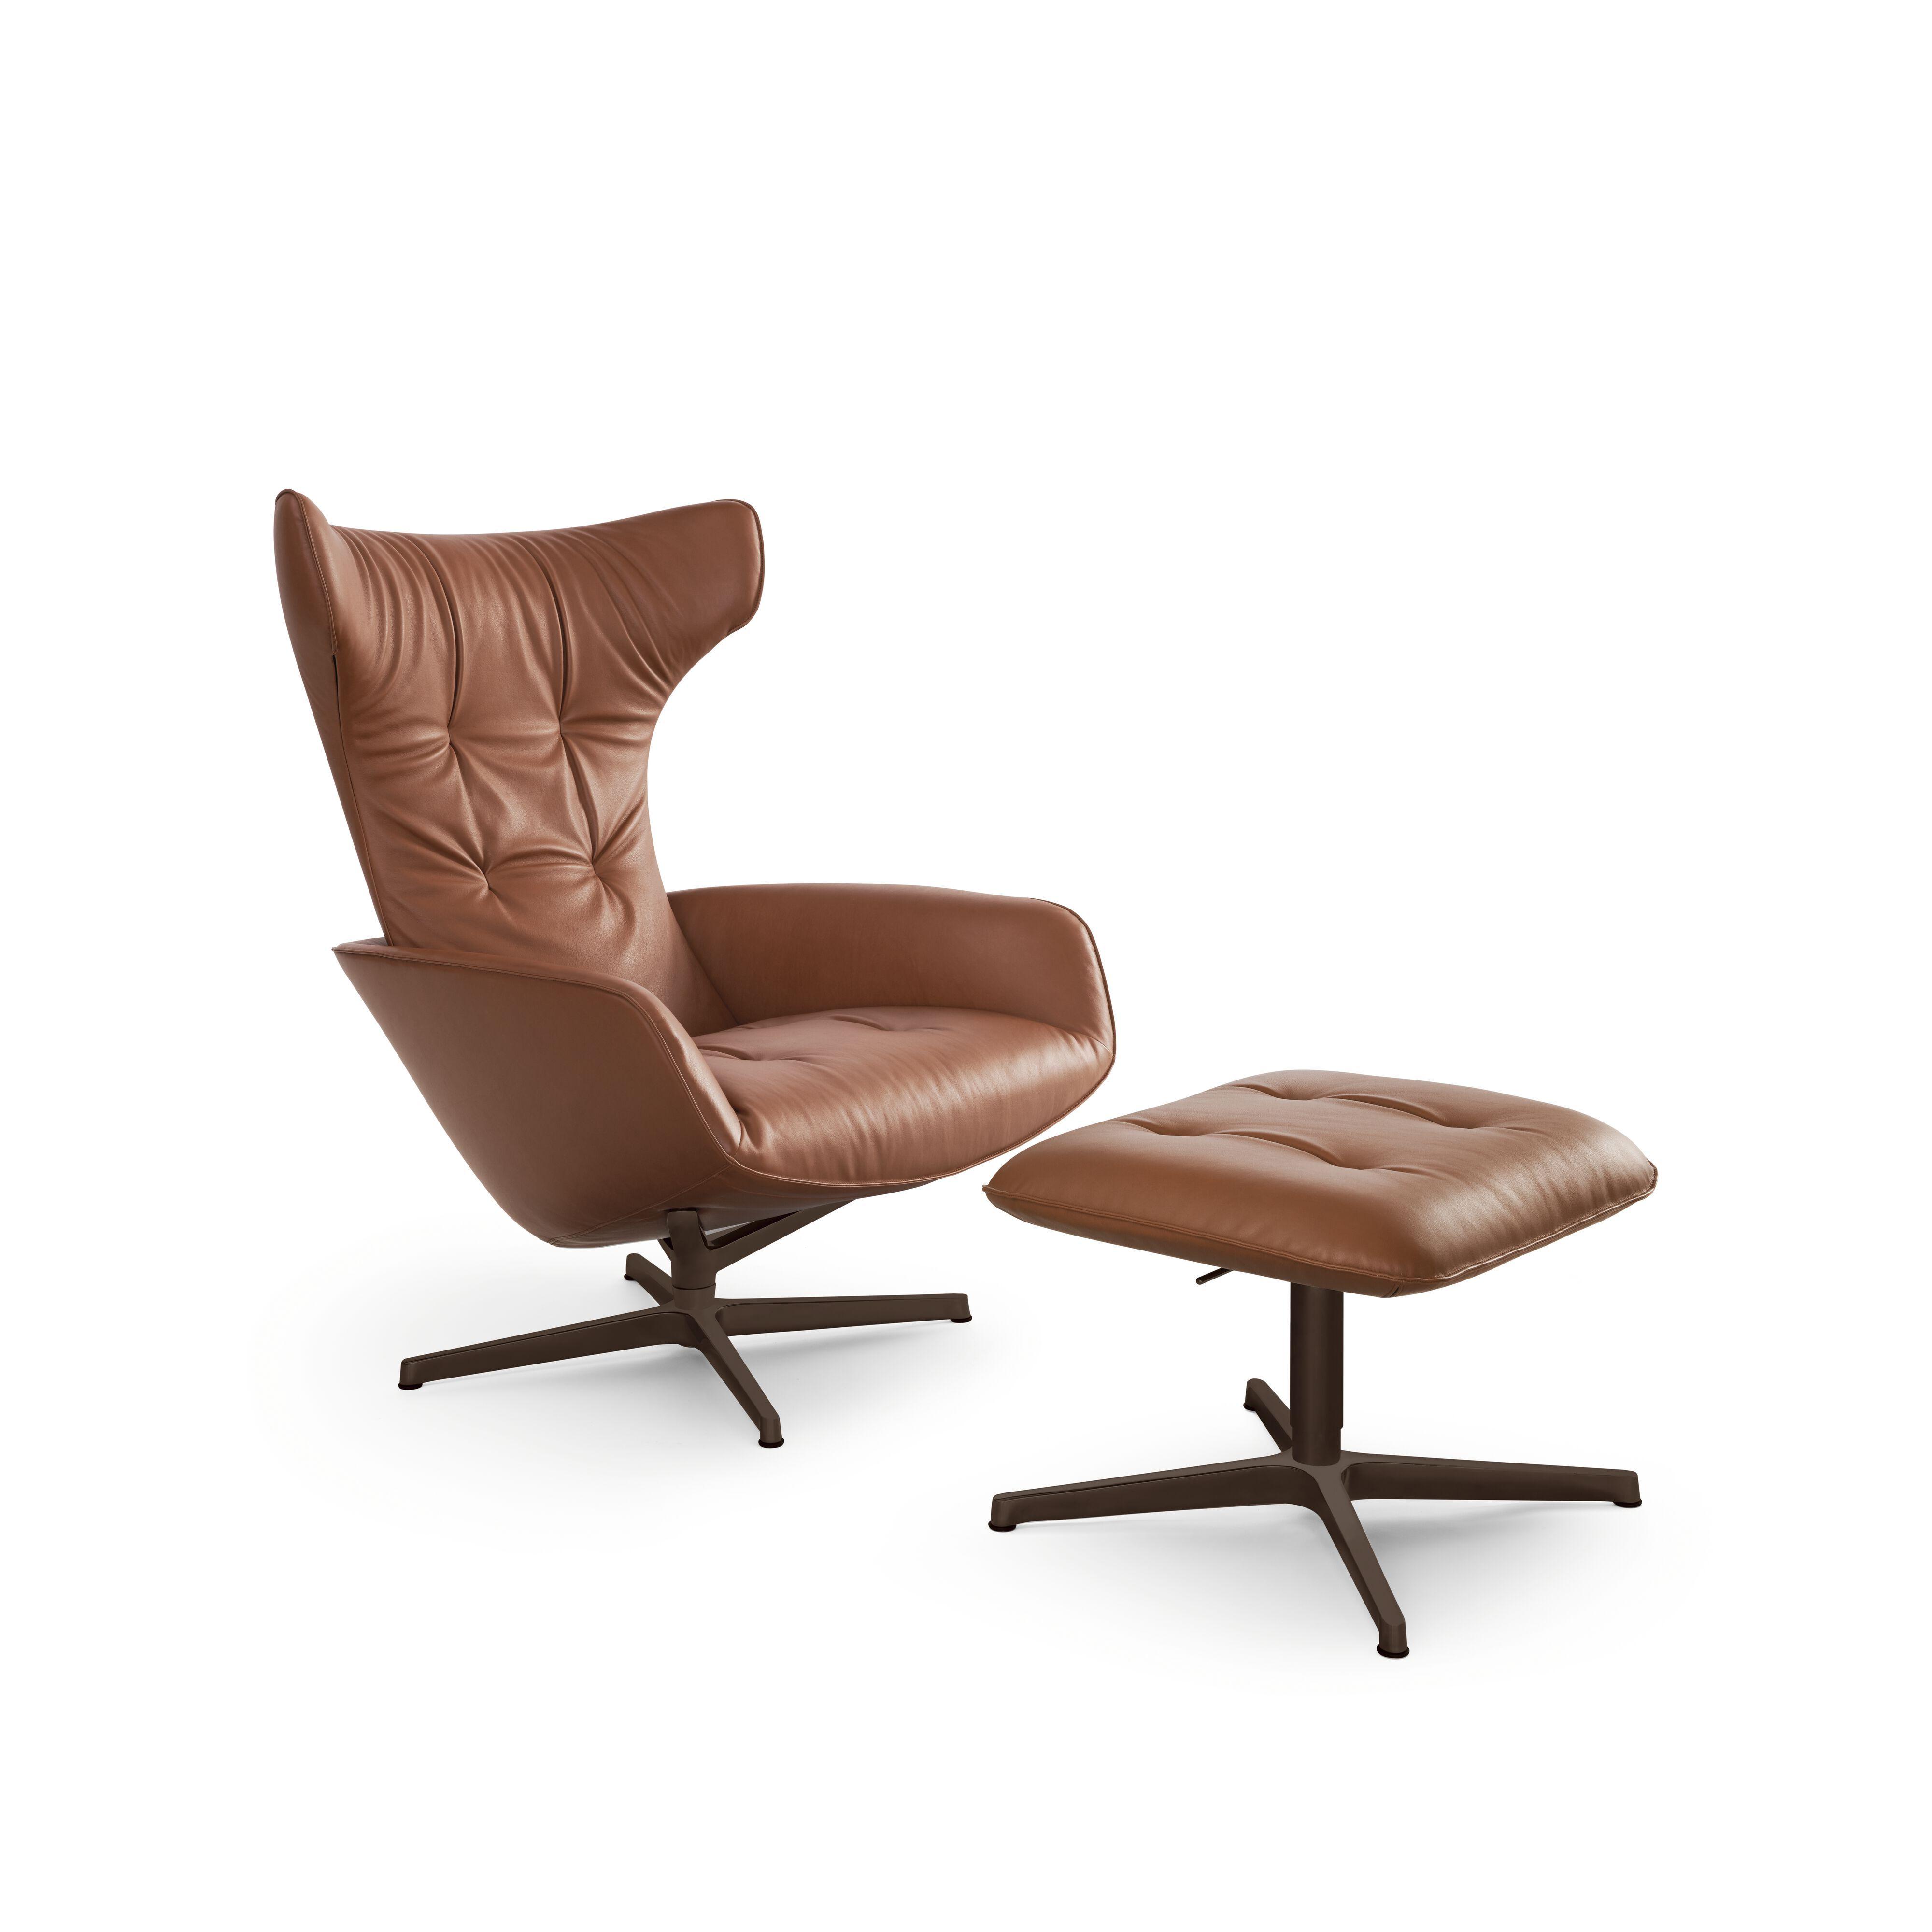 03-WK-Onsa Chair-matt-pulverbeschichtet, bronze-0013-H.tif